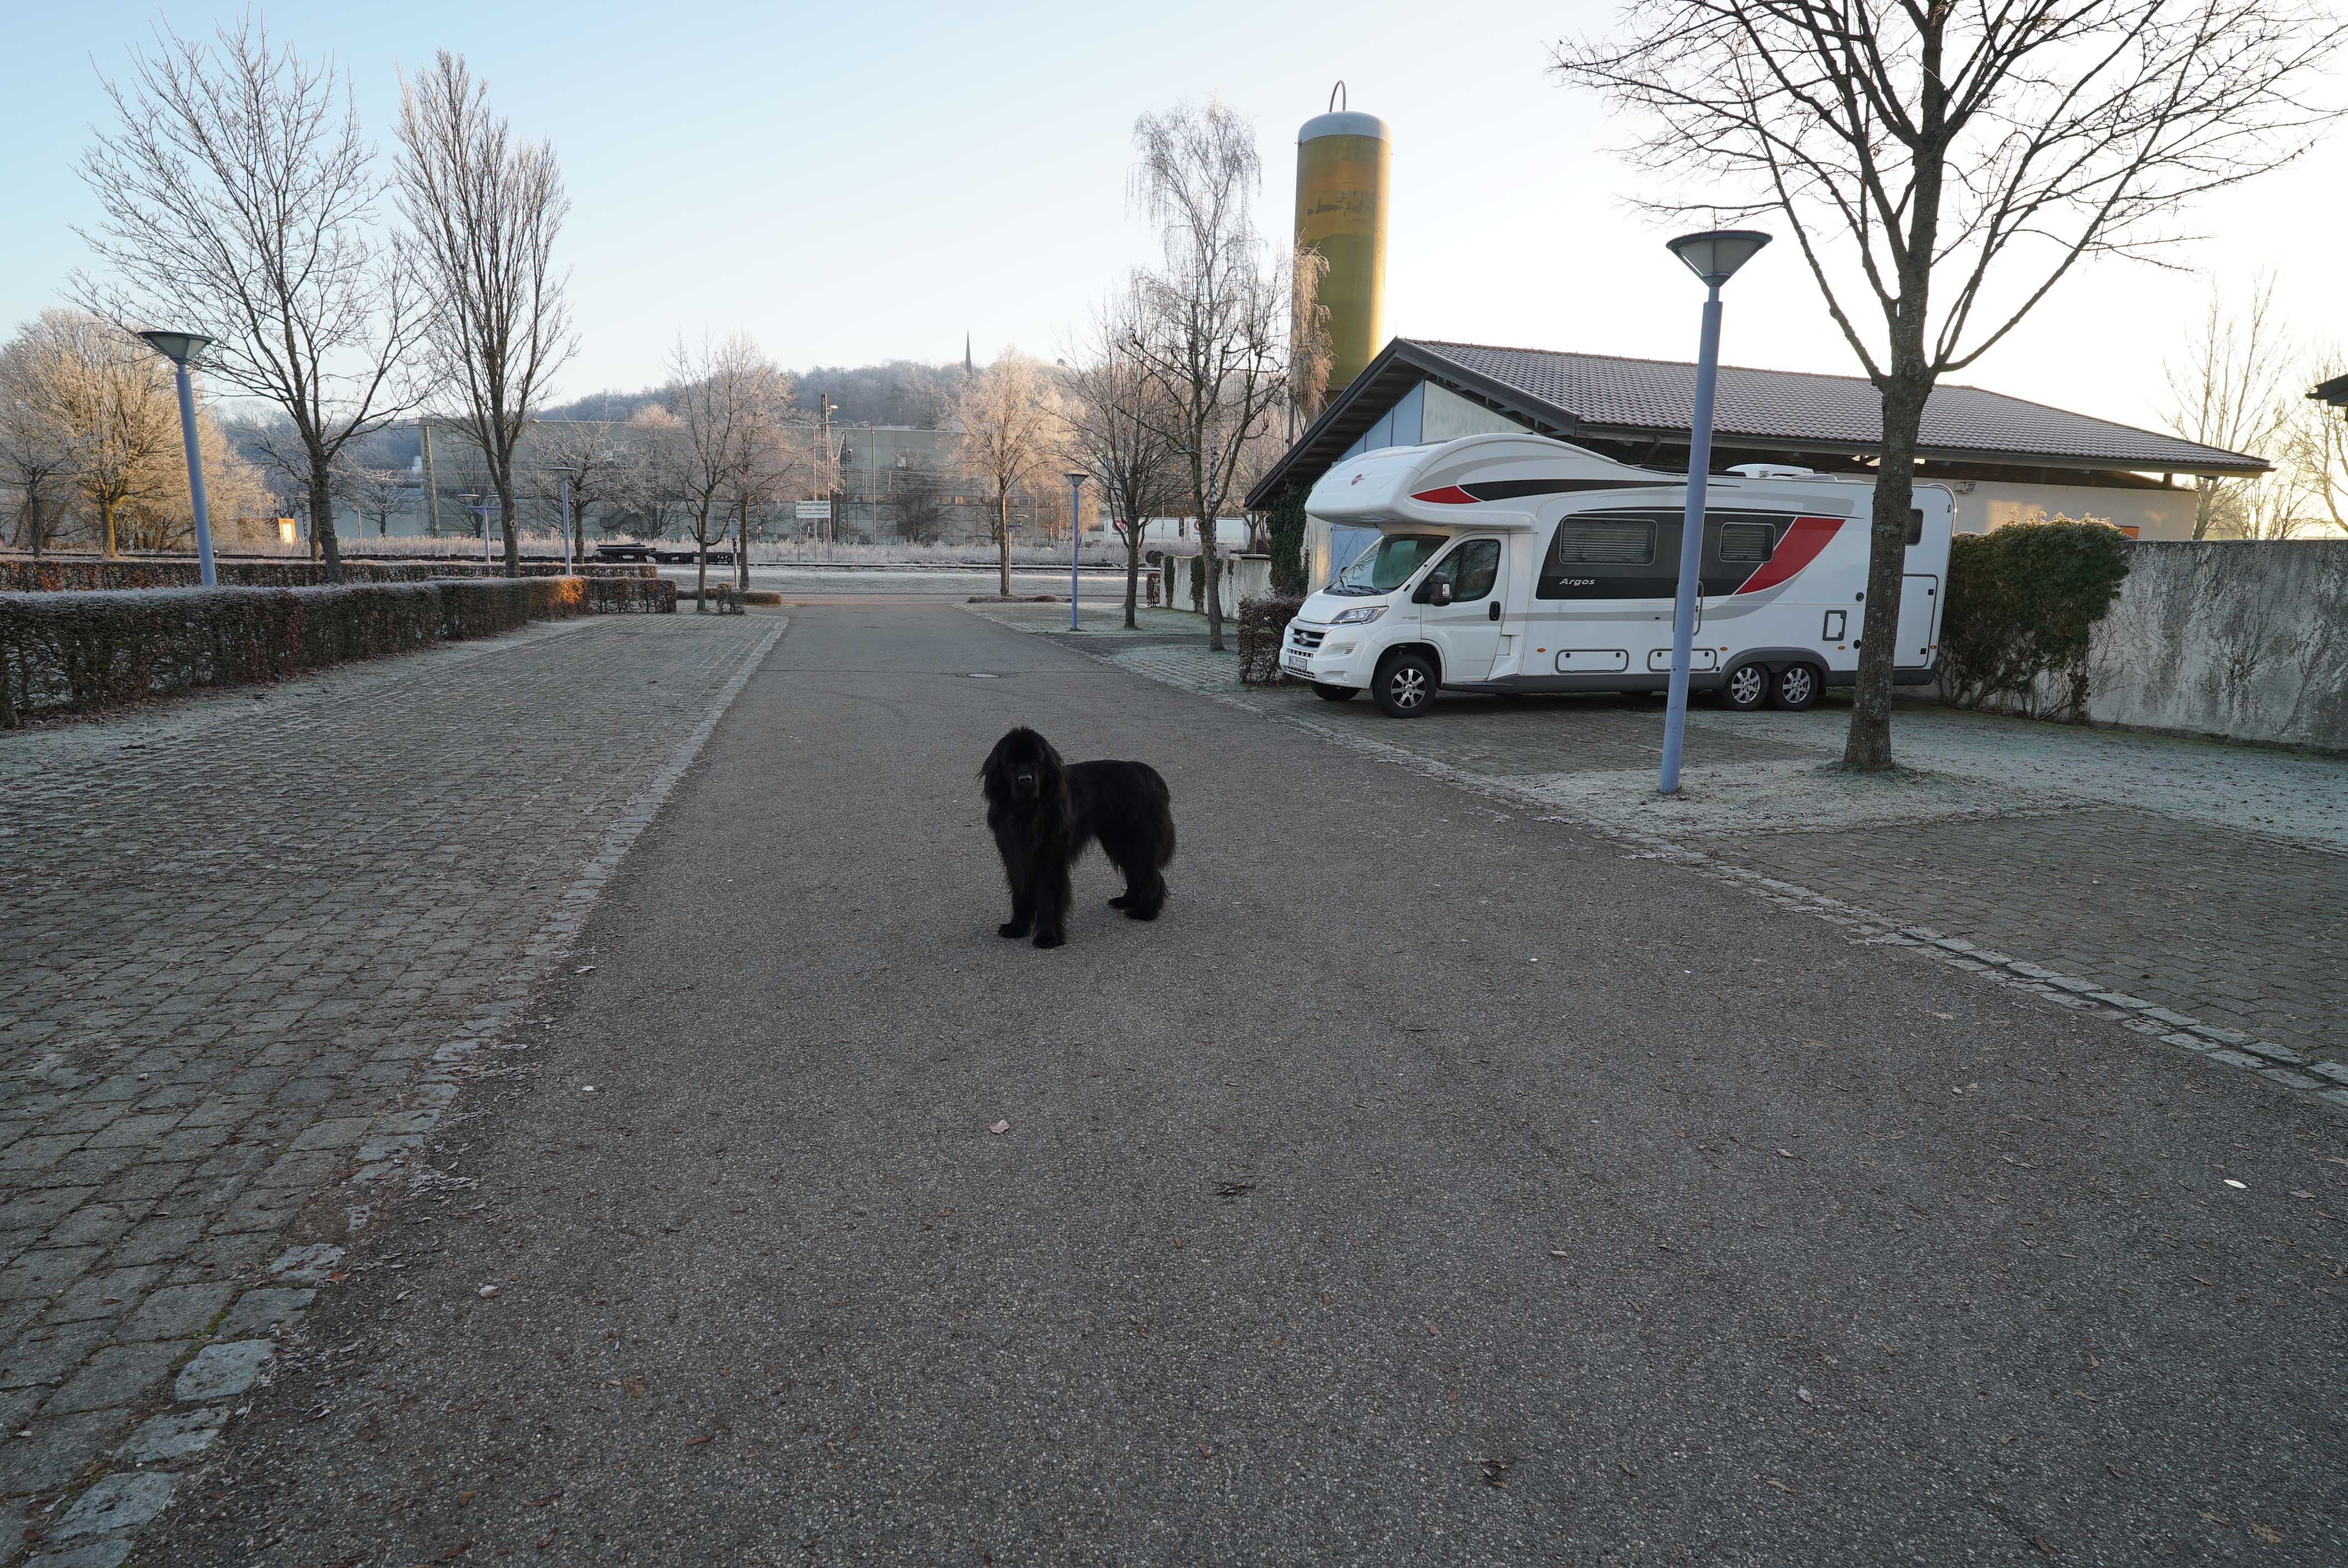 Wohnmobilparkplatz Amstetten01